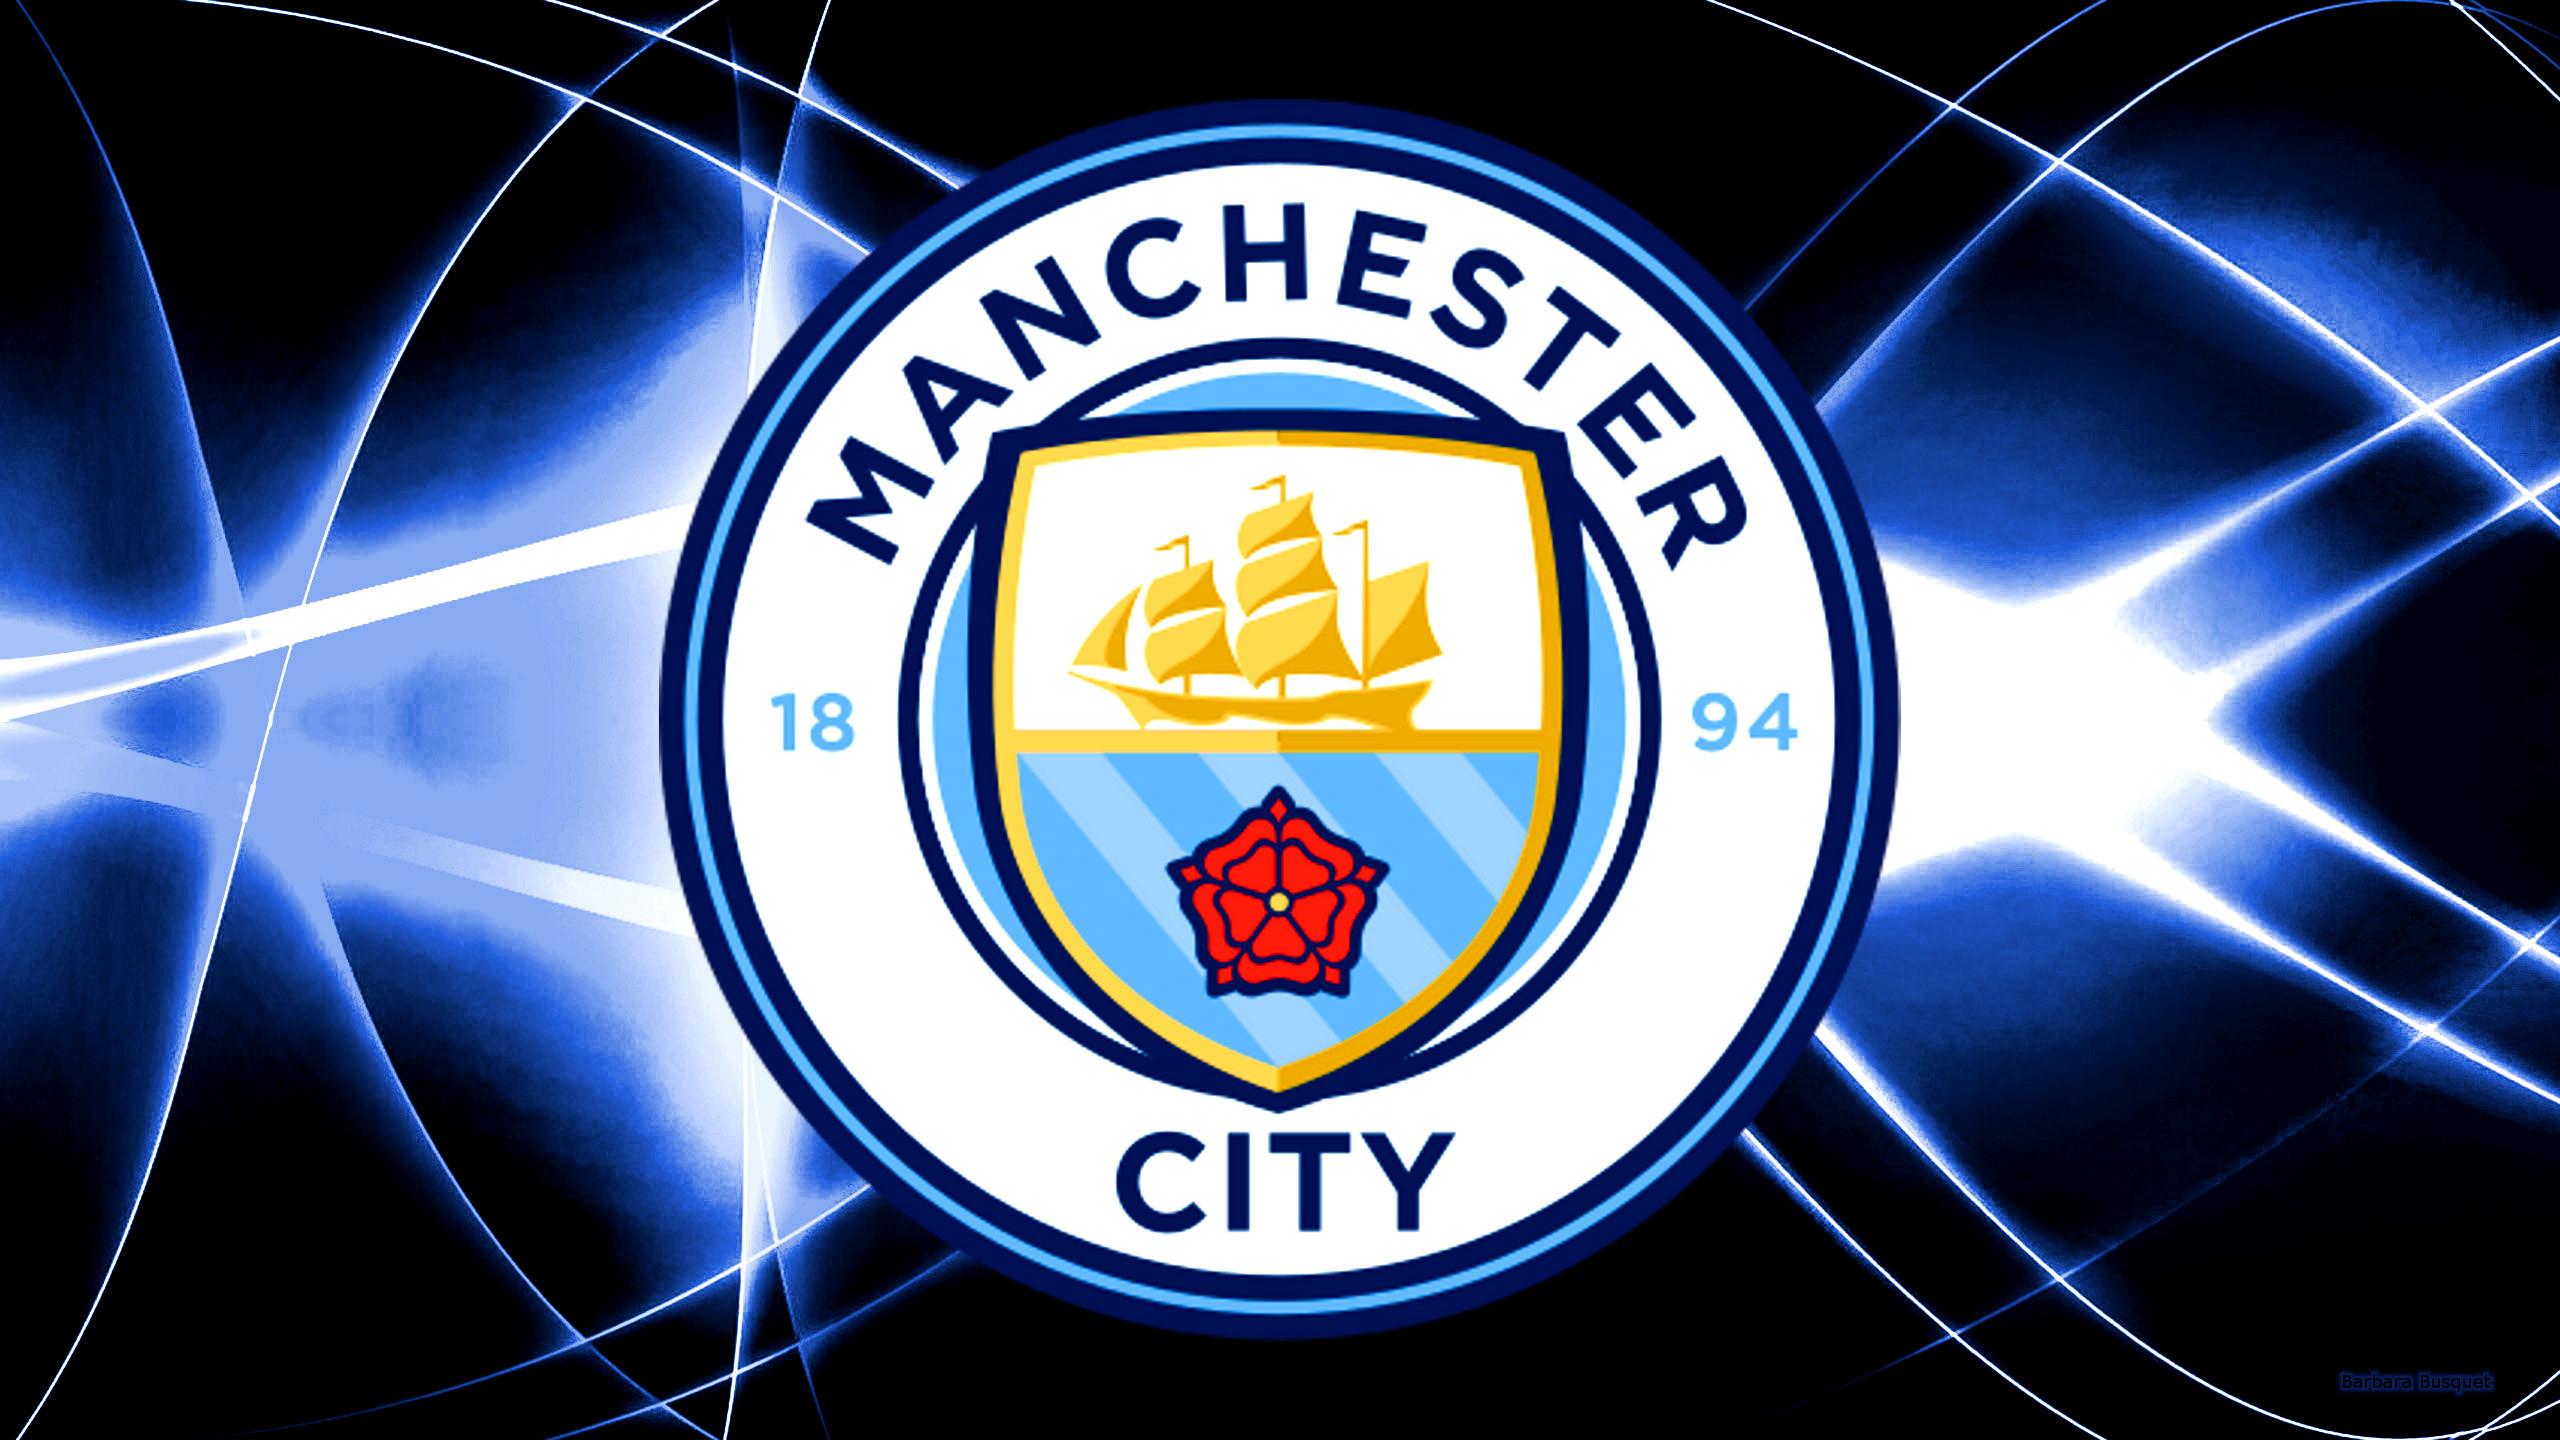 man city logos